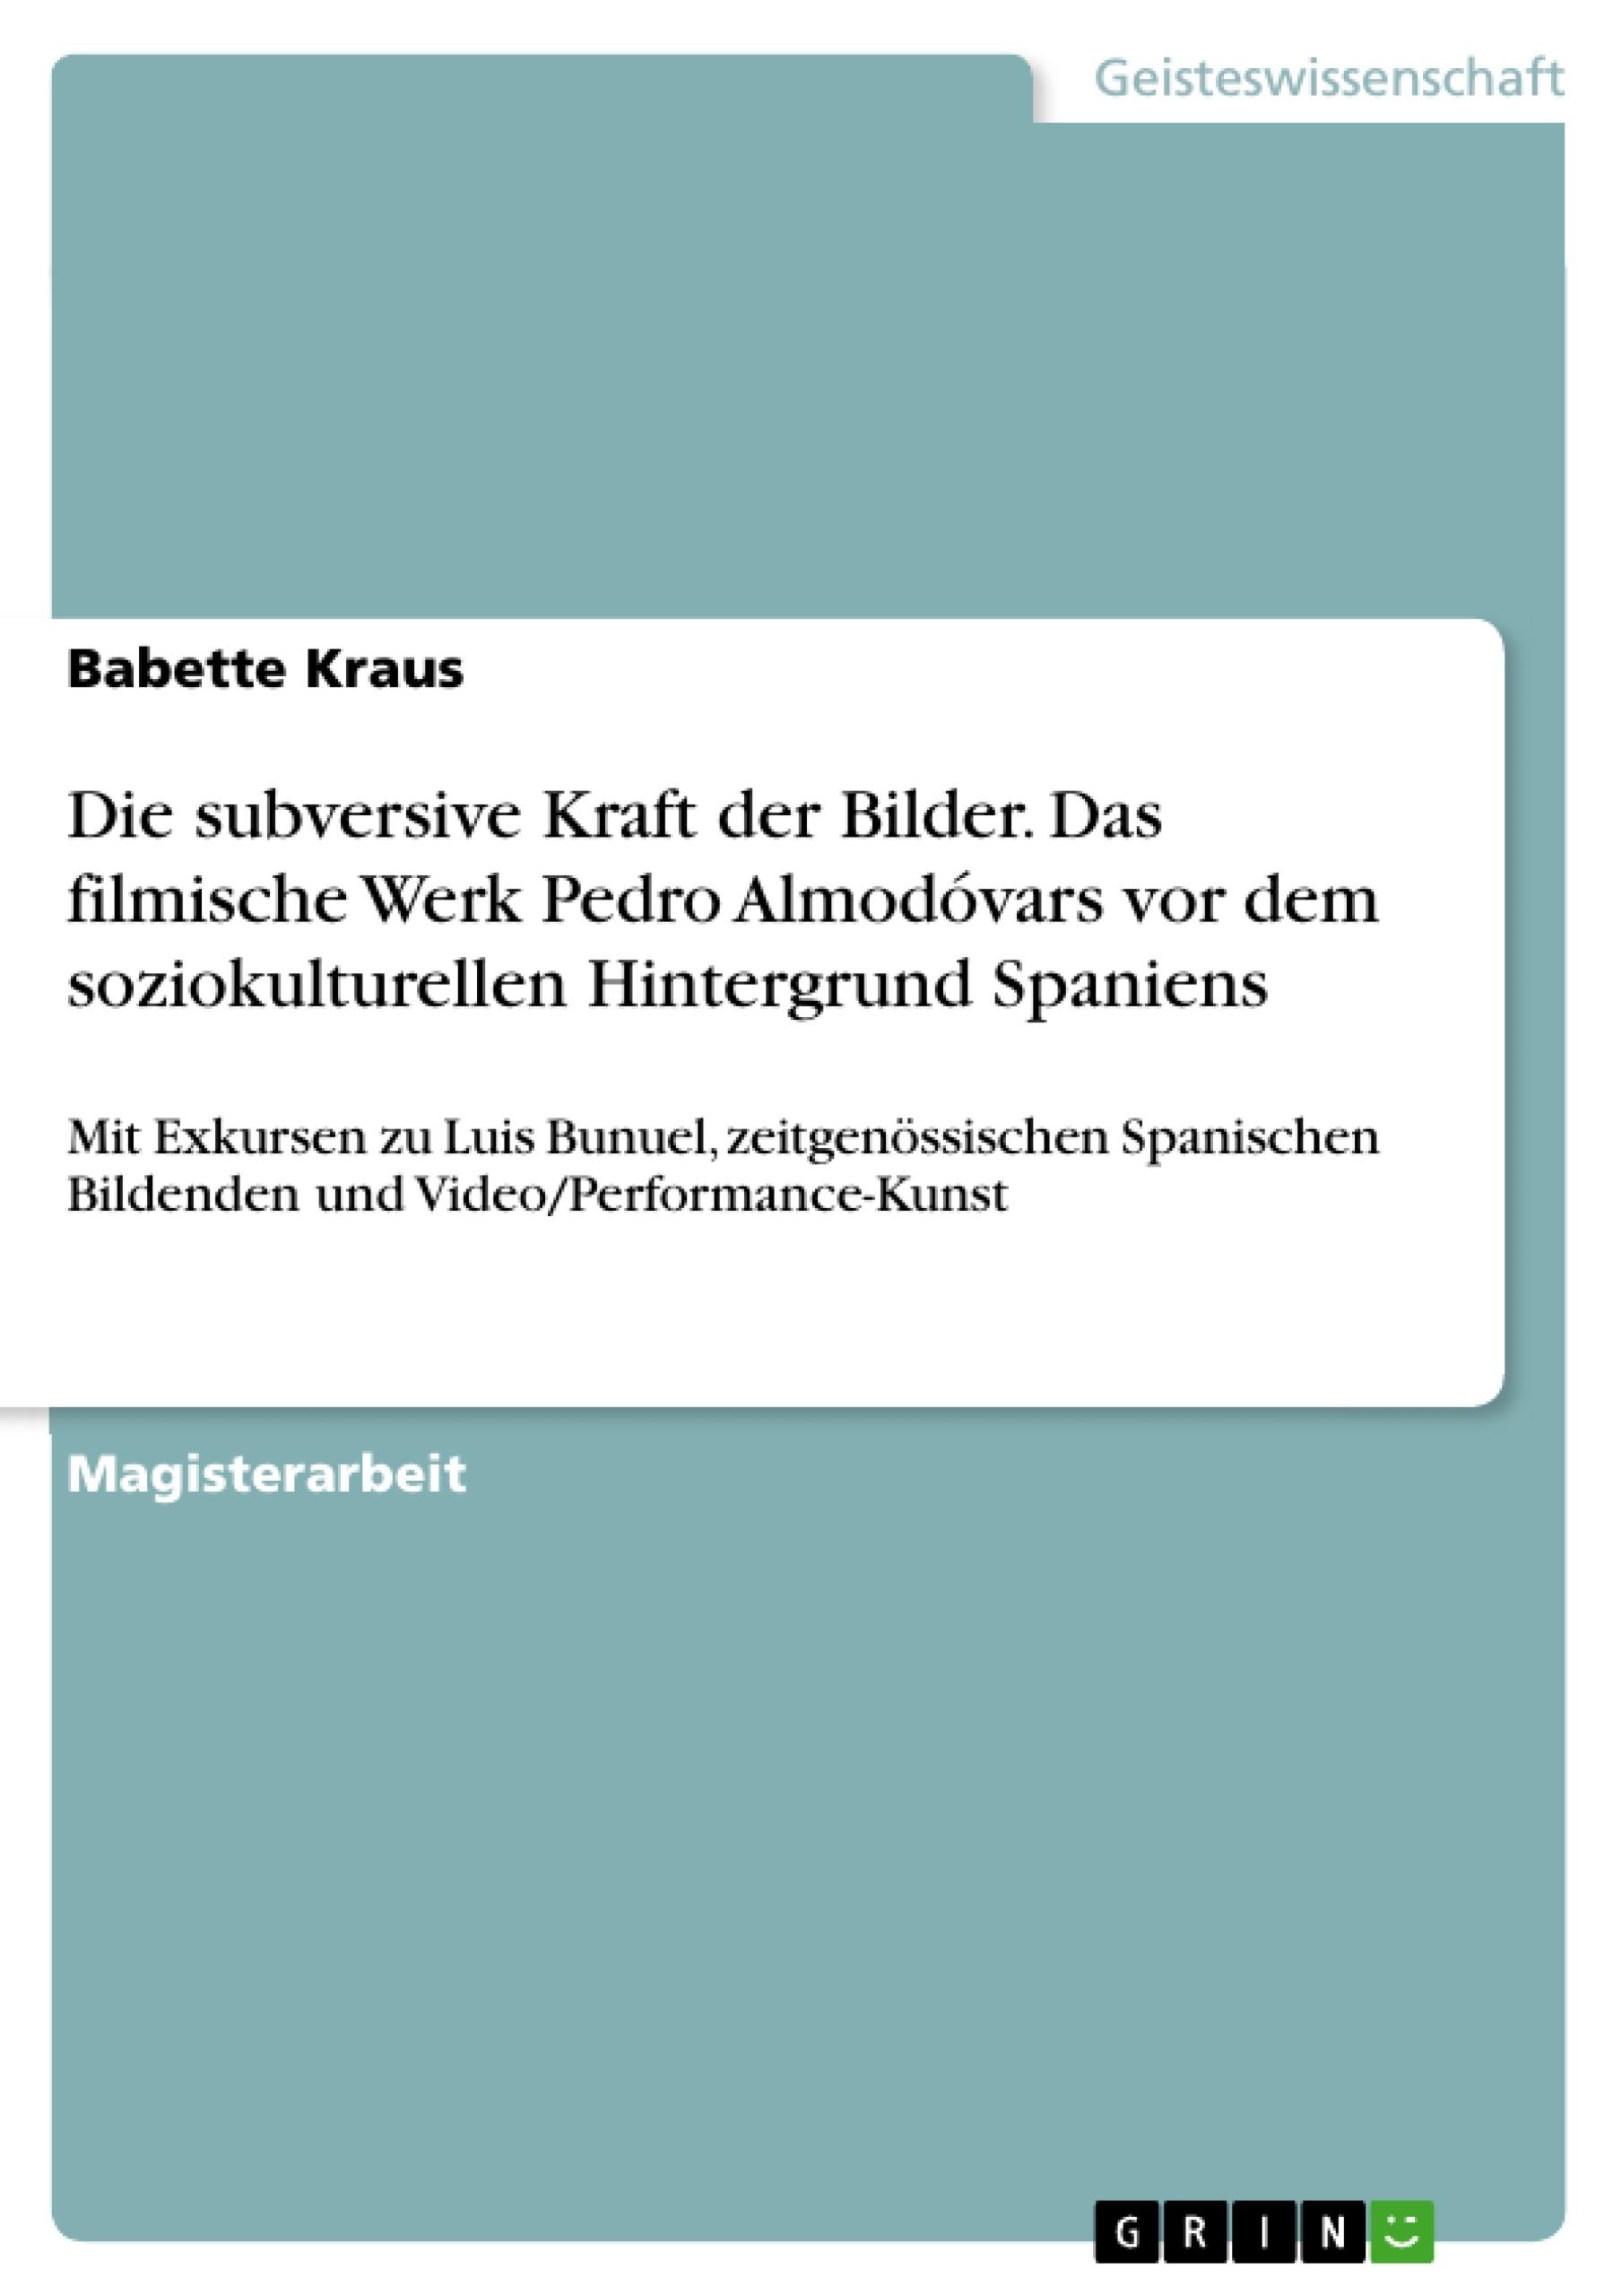 Titel: Die subversive Kraft der Bilder. Das filmische Werk Pedro Almodóvars vor dem soziokulturellen Hintergrund Spaniens